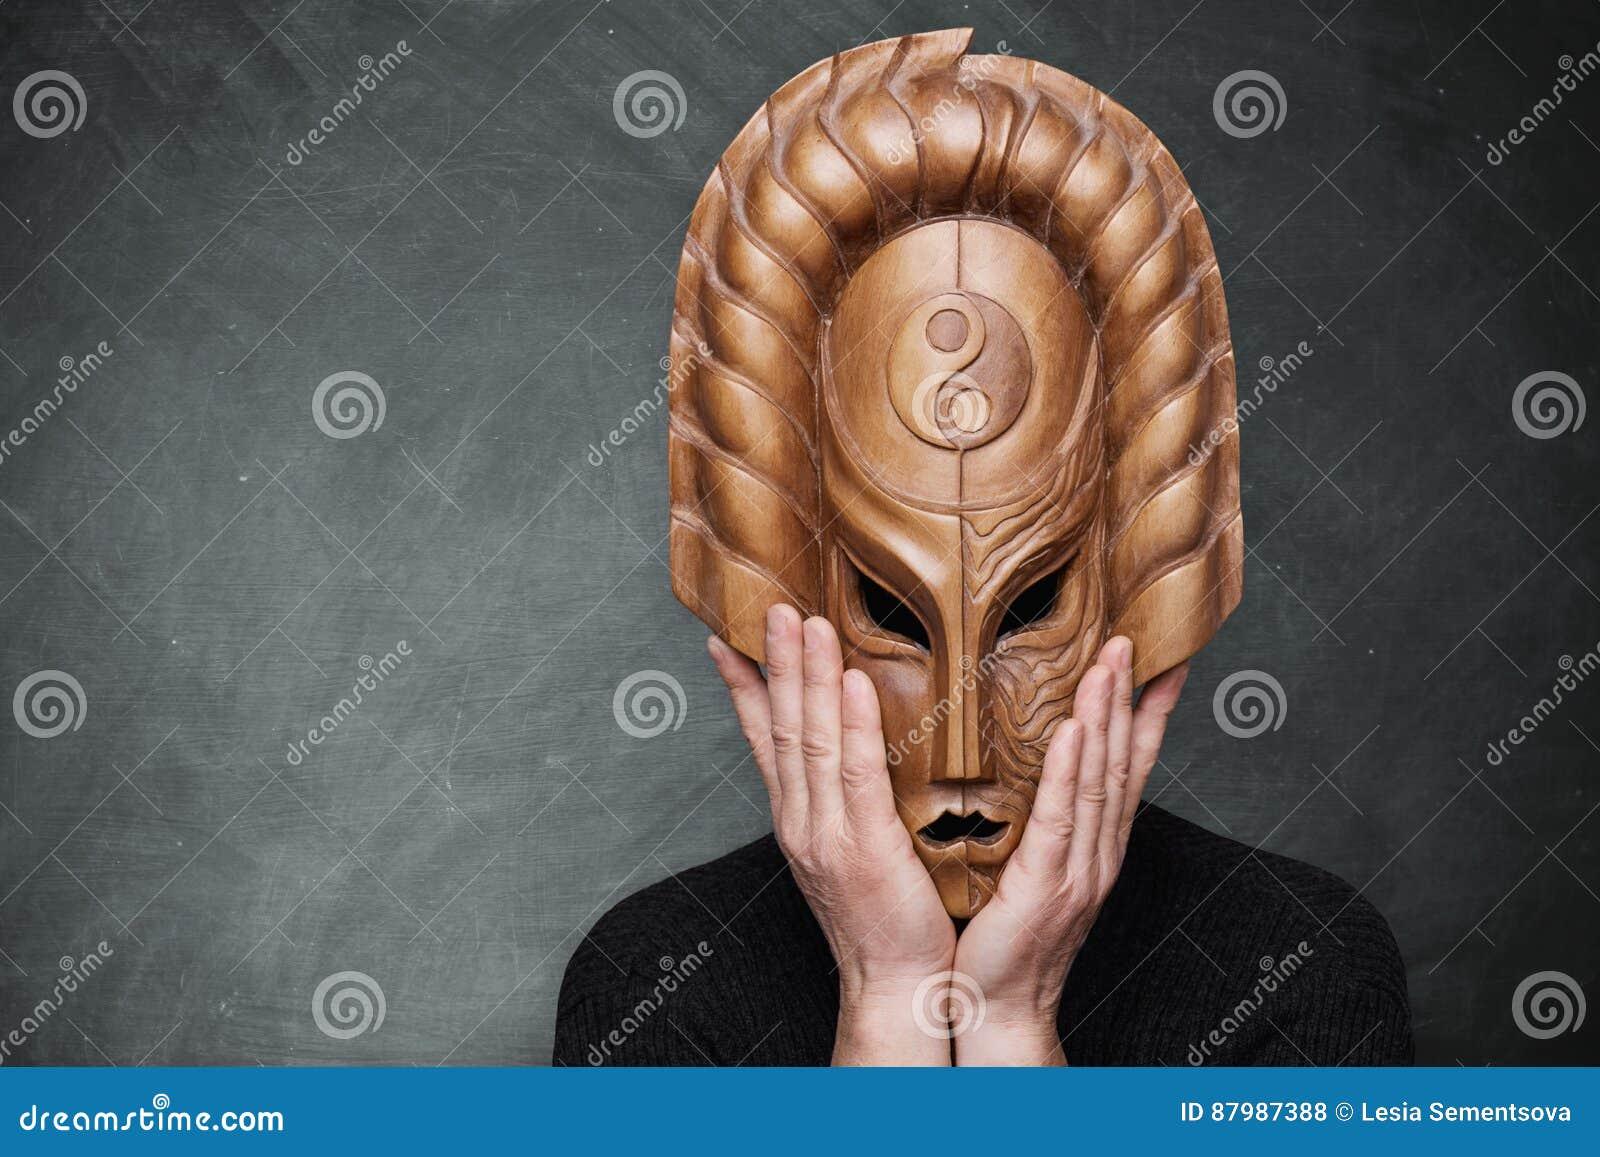 Een persoon die houten masker dragen die yin yang harmonie symboliseren die zijn handen op het masker houden die zich over grijze